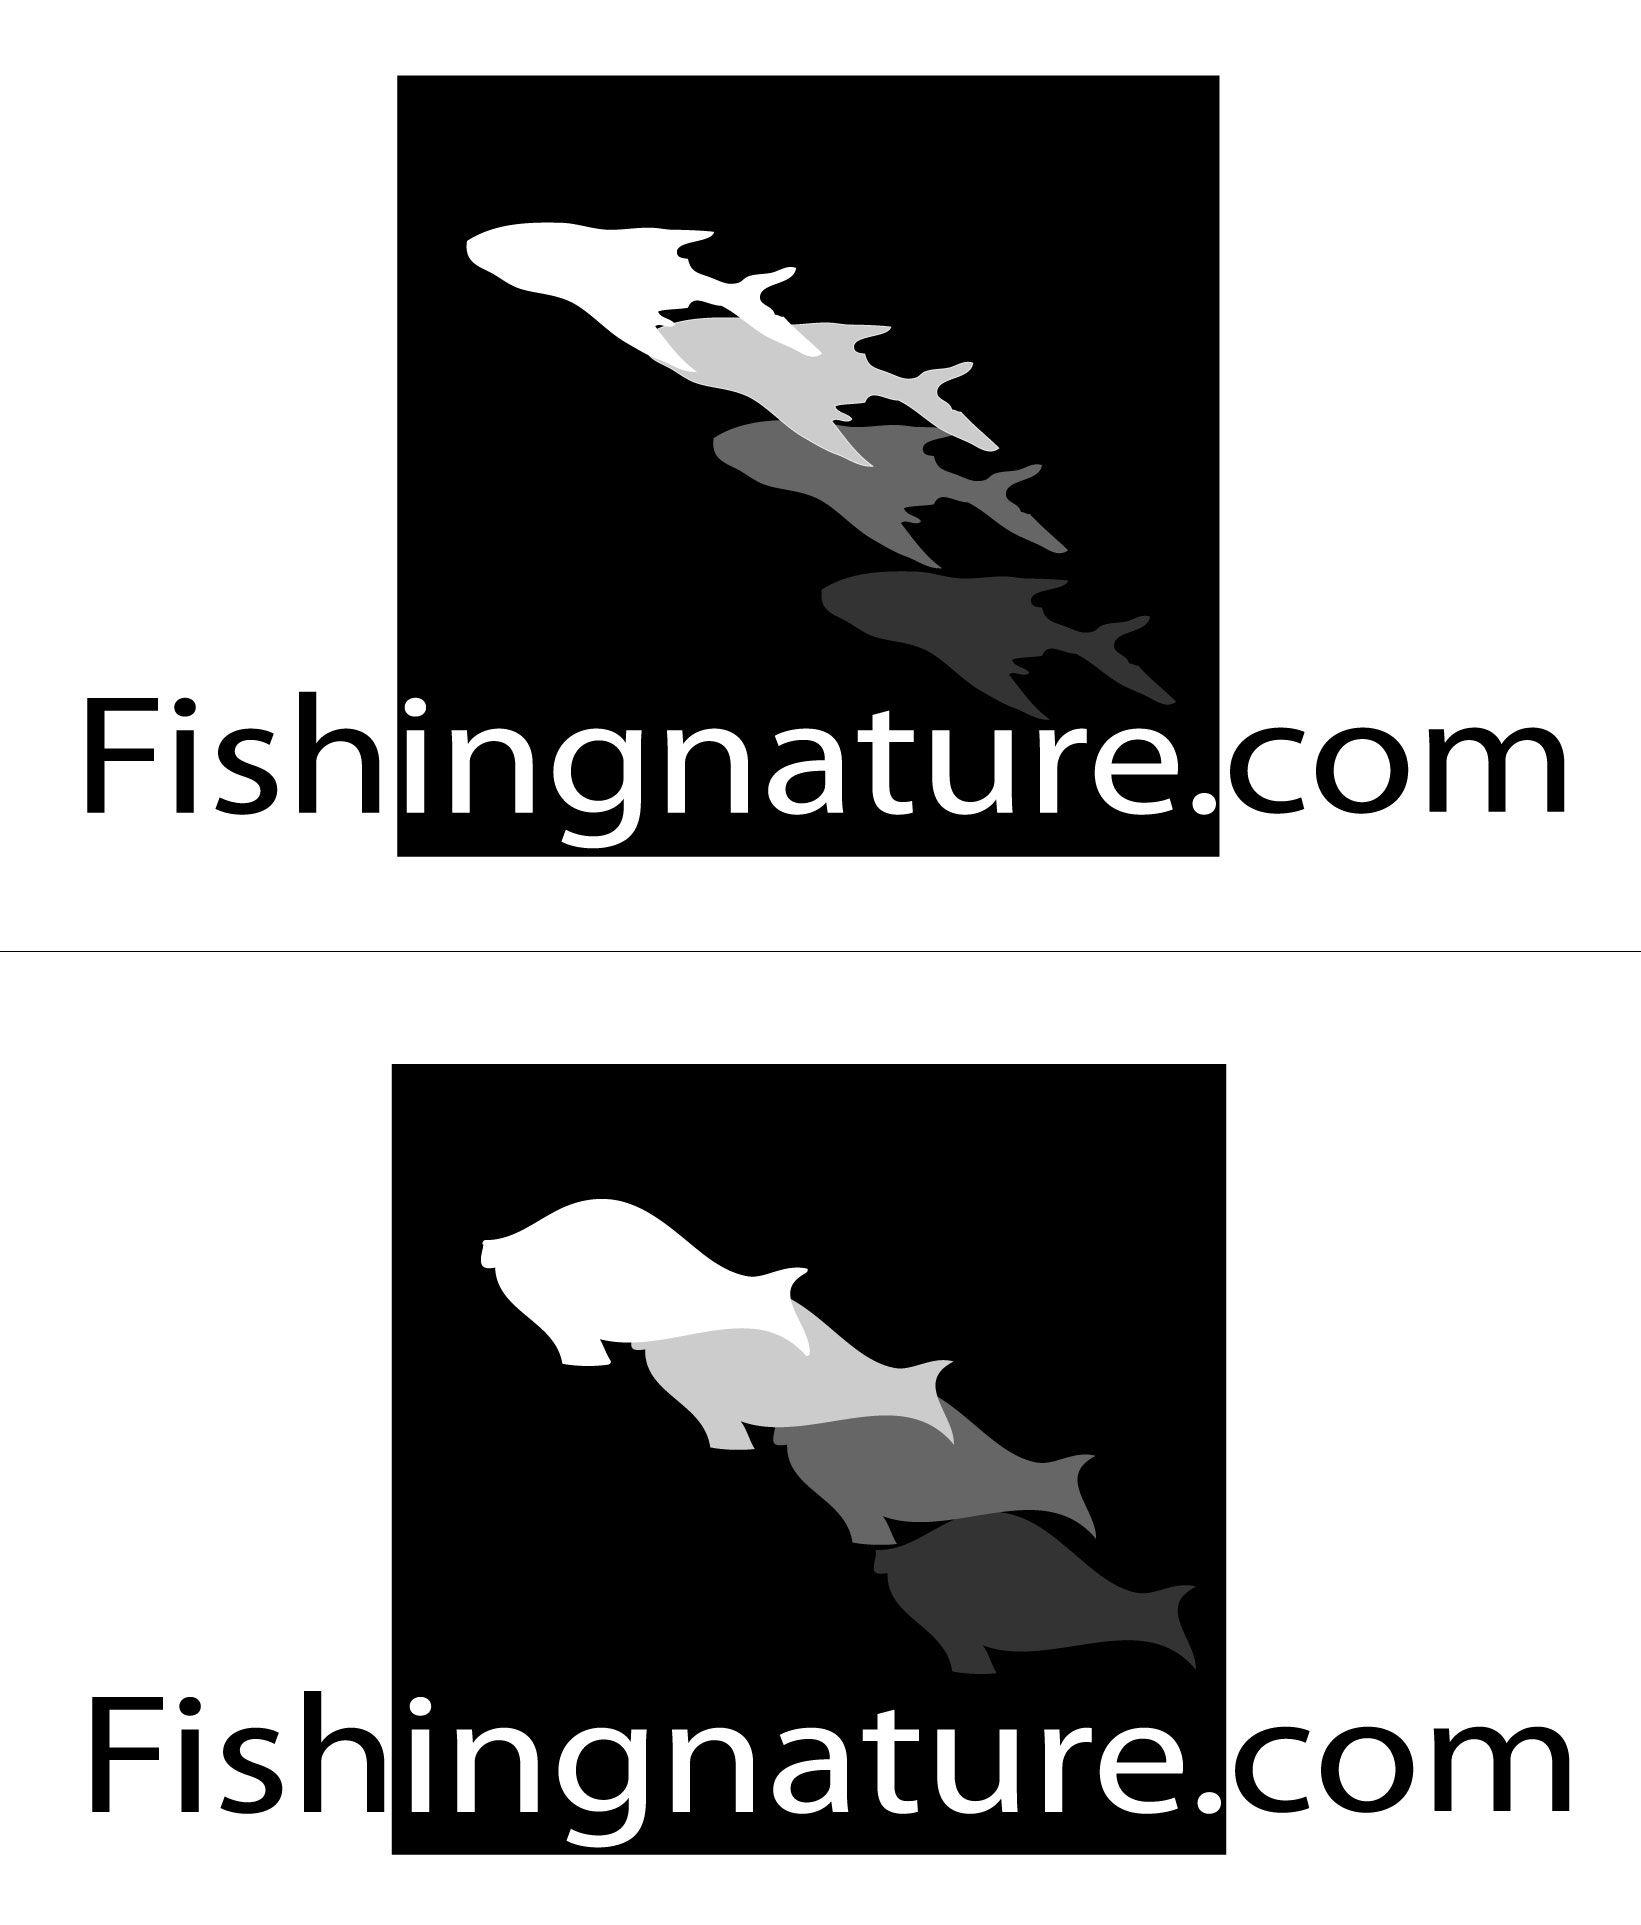 Лого он-лайн фотожурнала о рыболовстве и природе - дизайнер Serious_sight